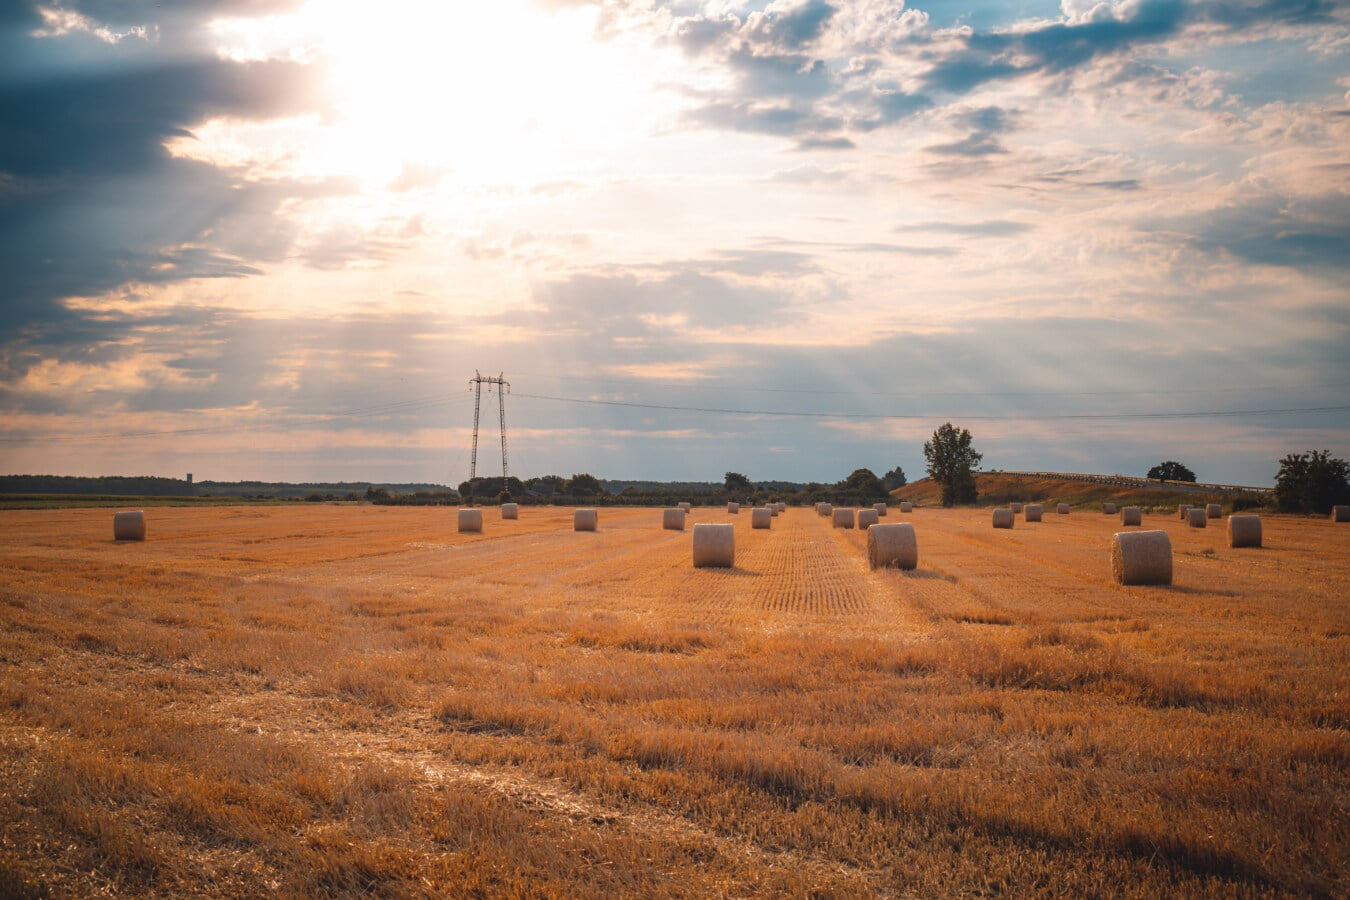 Sonnenlicht, Sonnenschein, Sommersaison, Heuhaufen, Heu-Feld, Hay, Landwirtschaft, Landschaft, Sonnenuntergang, Feed